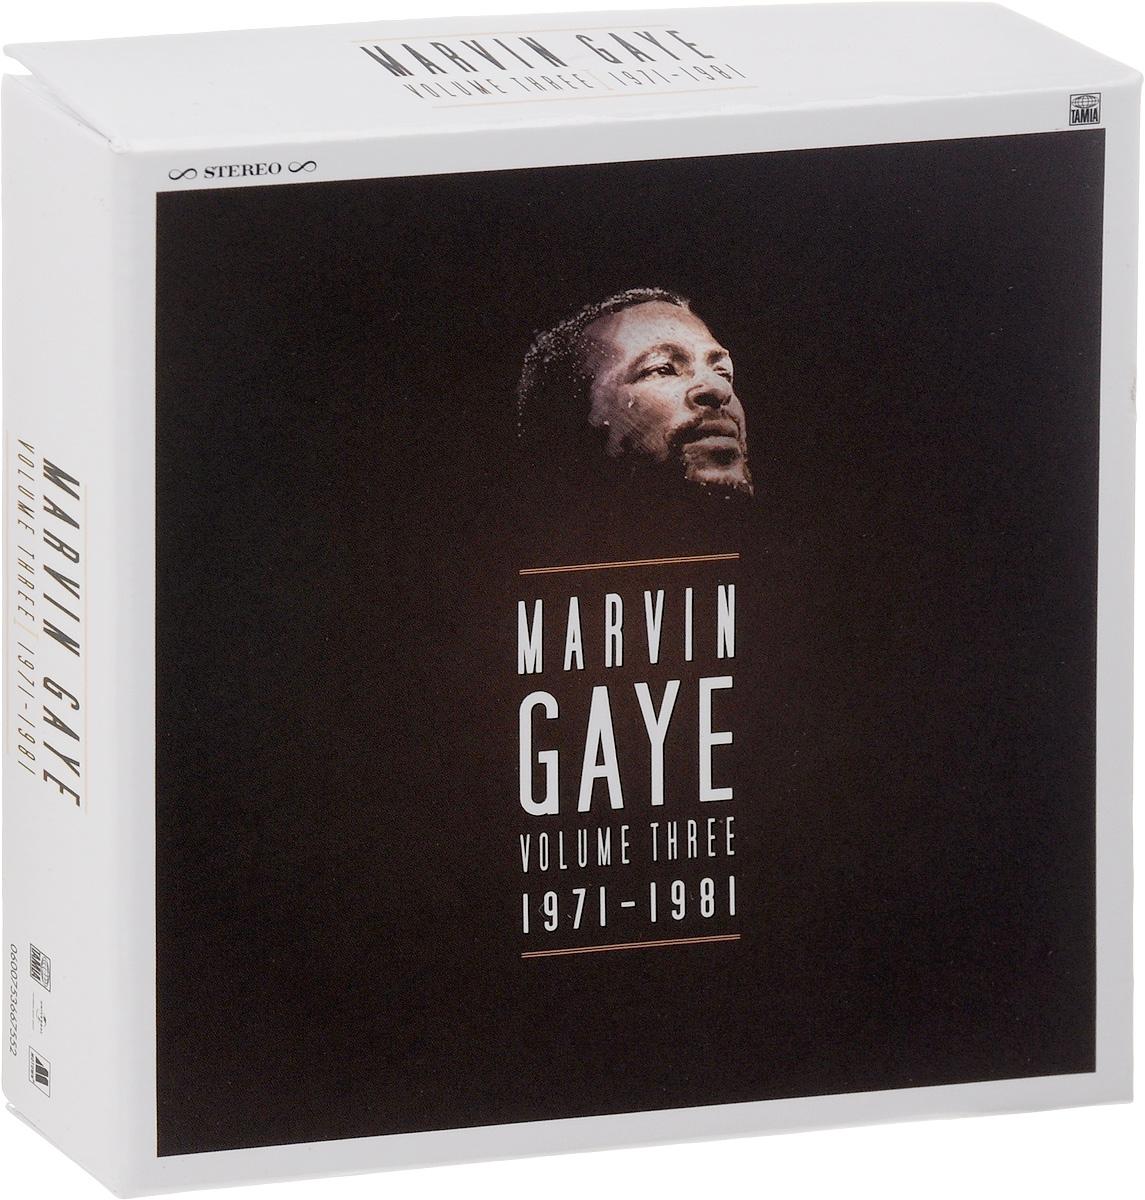 лучшая цена Марвин Гэй Marvin Gaye. Volume Three. 1971 - 1981 (7 CD)